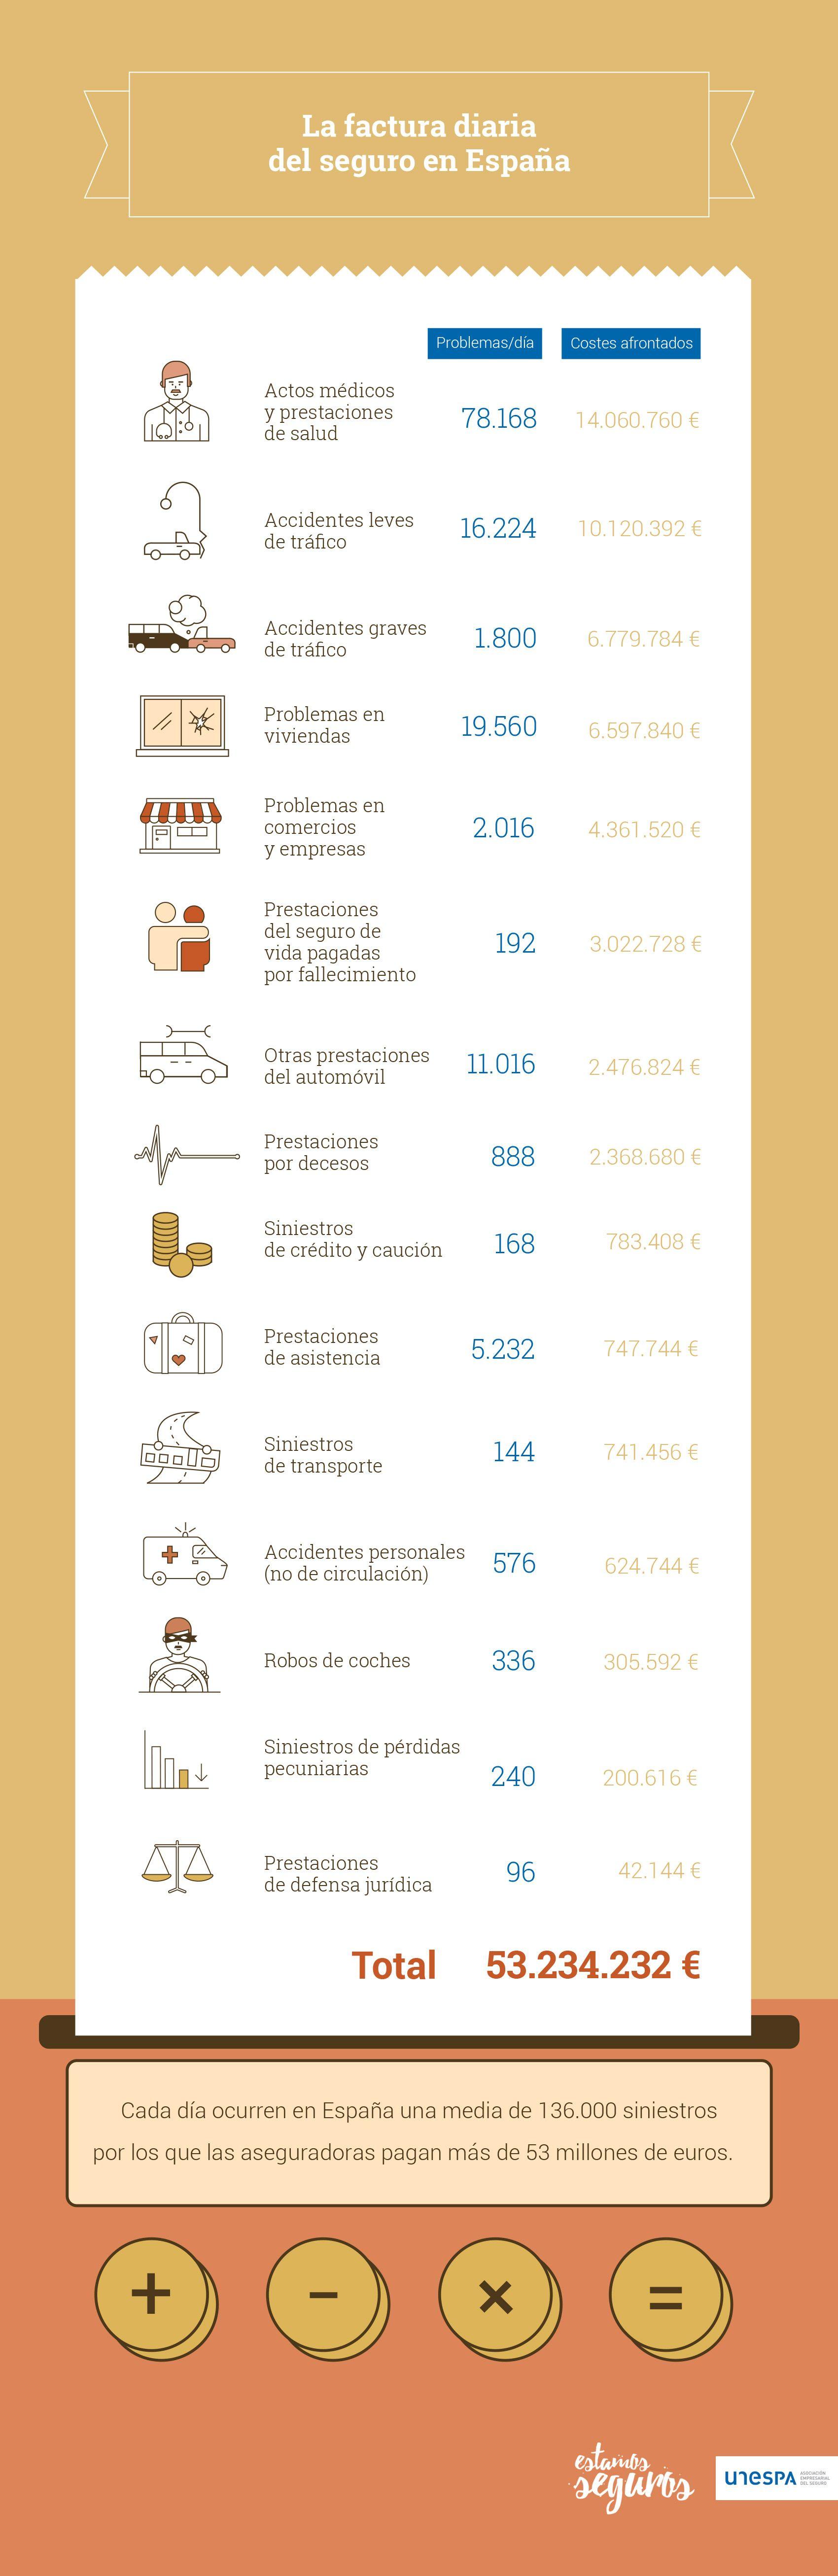 Los costes diarios que tiene el seguro en España